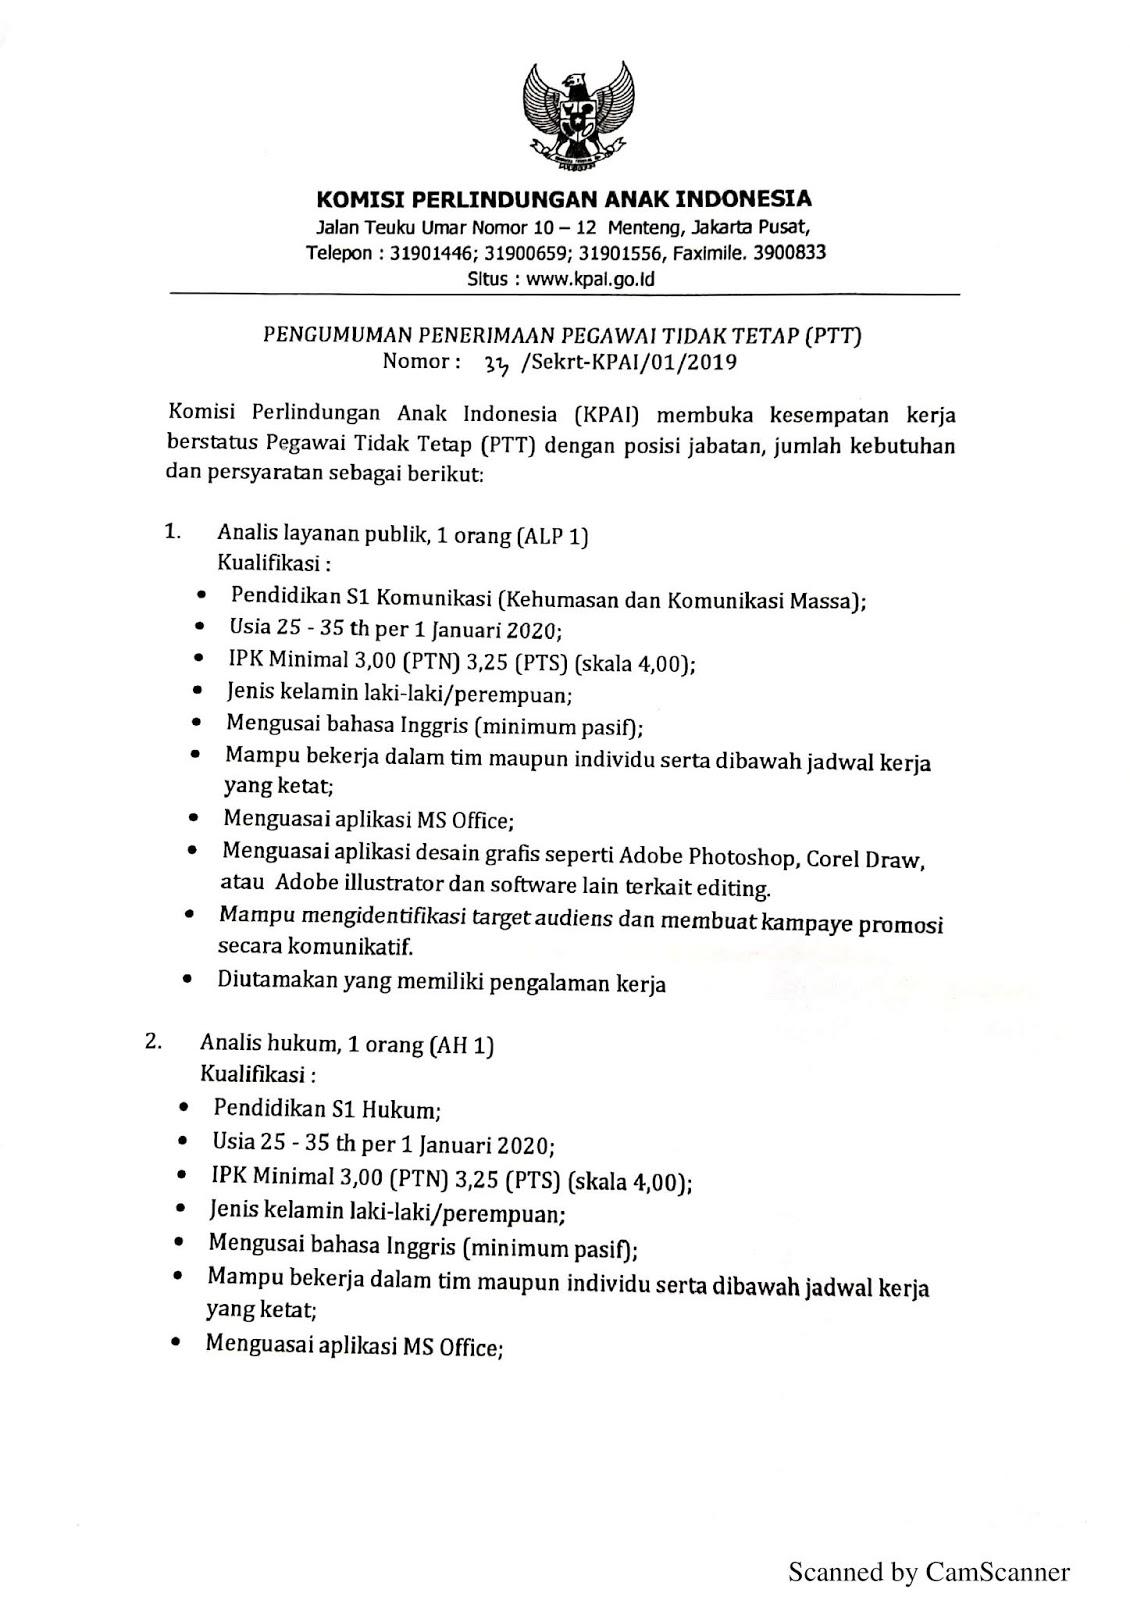 Rekrutmen Non PNS Komisi Perlindungan Anak Indonesia Bulan